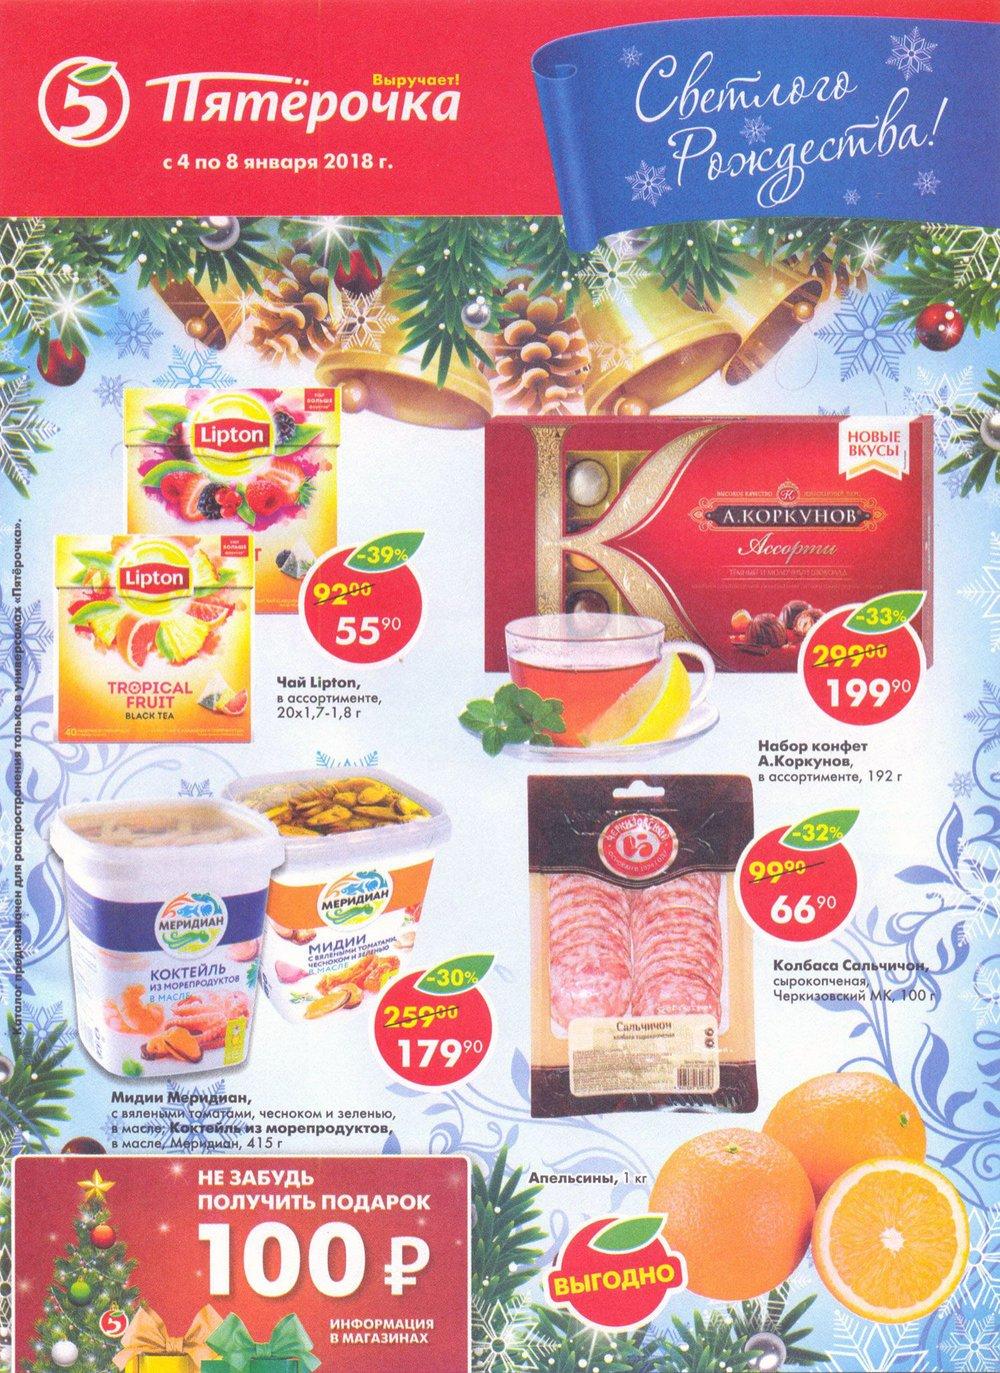 Акции на подарки екатеринбург 673